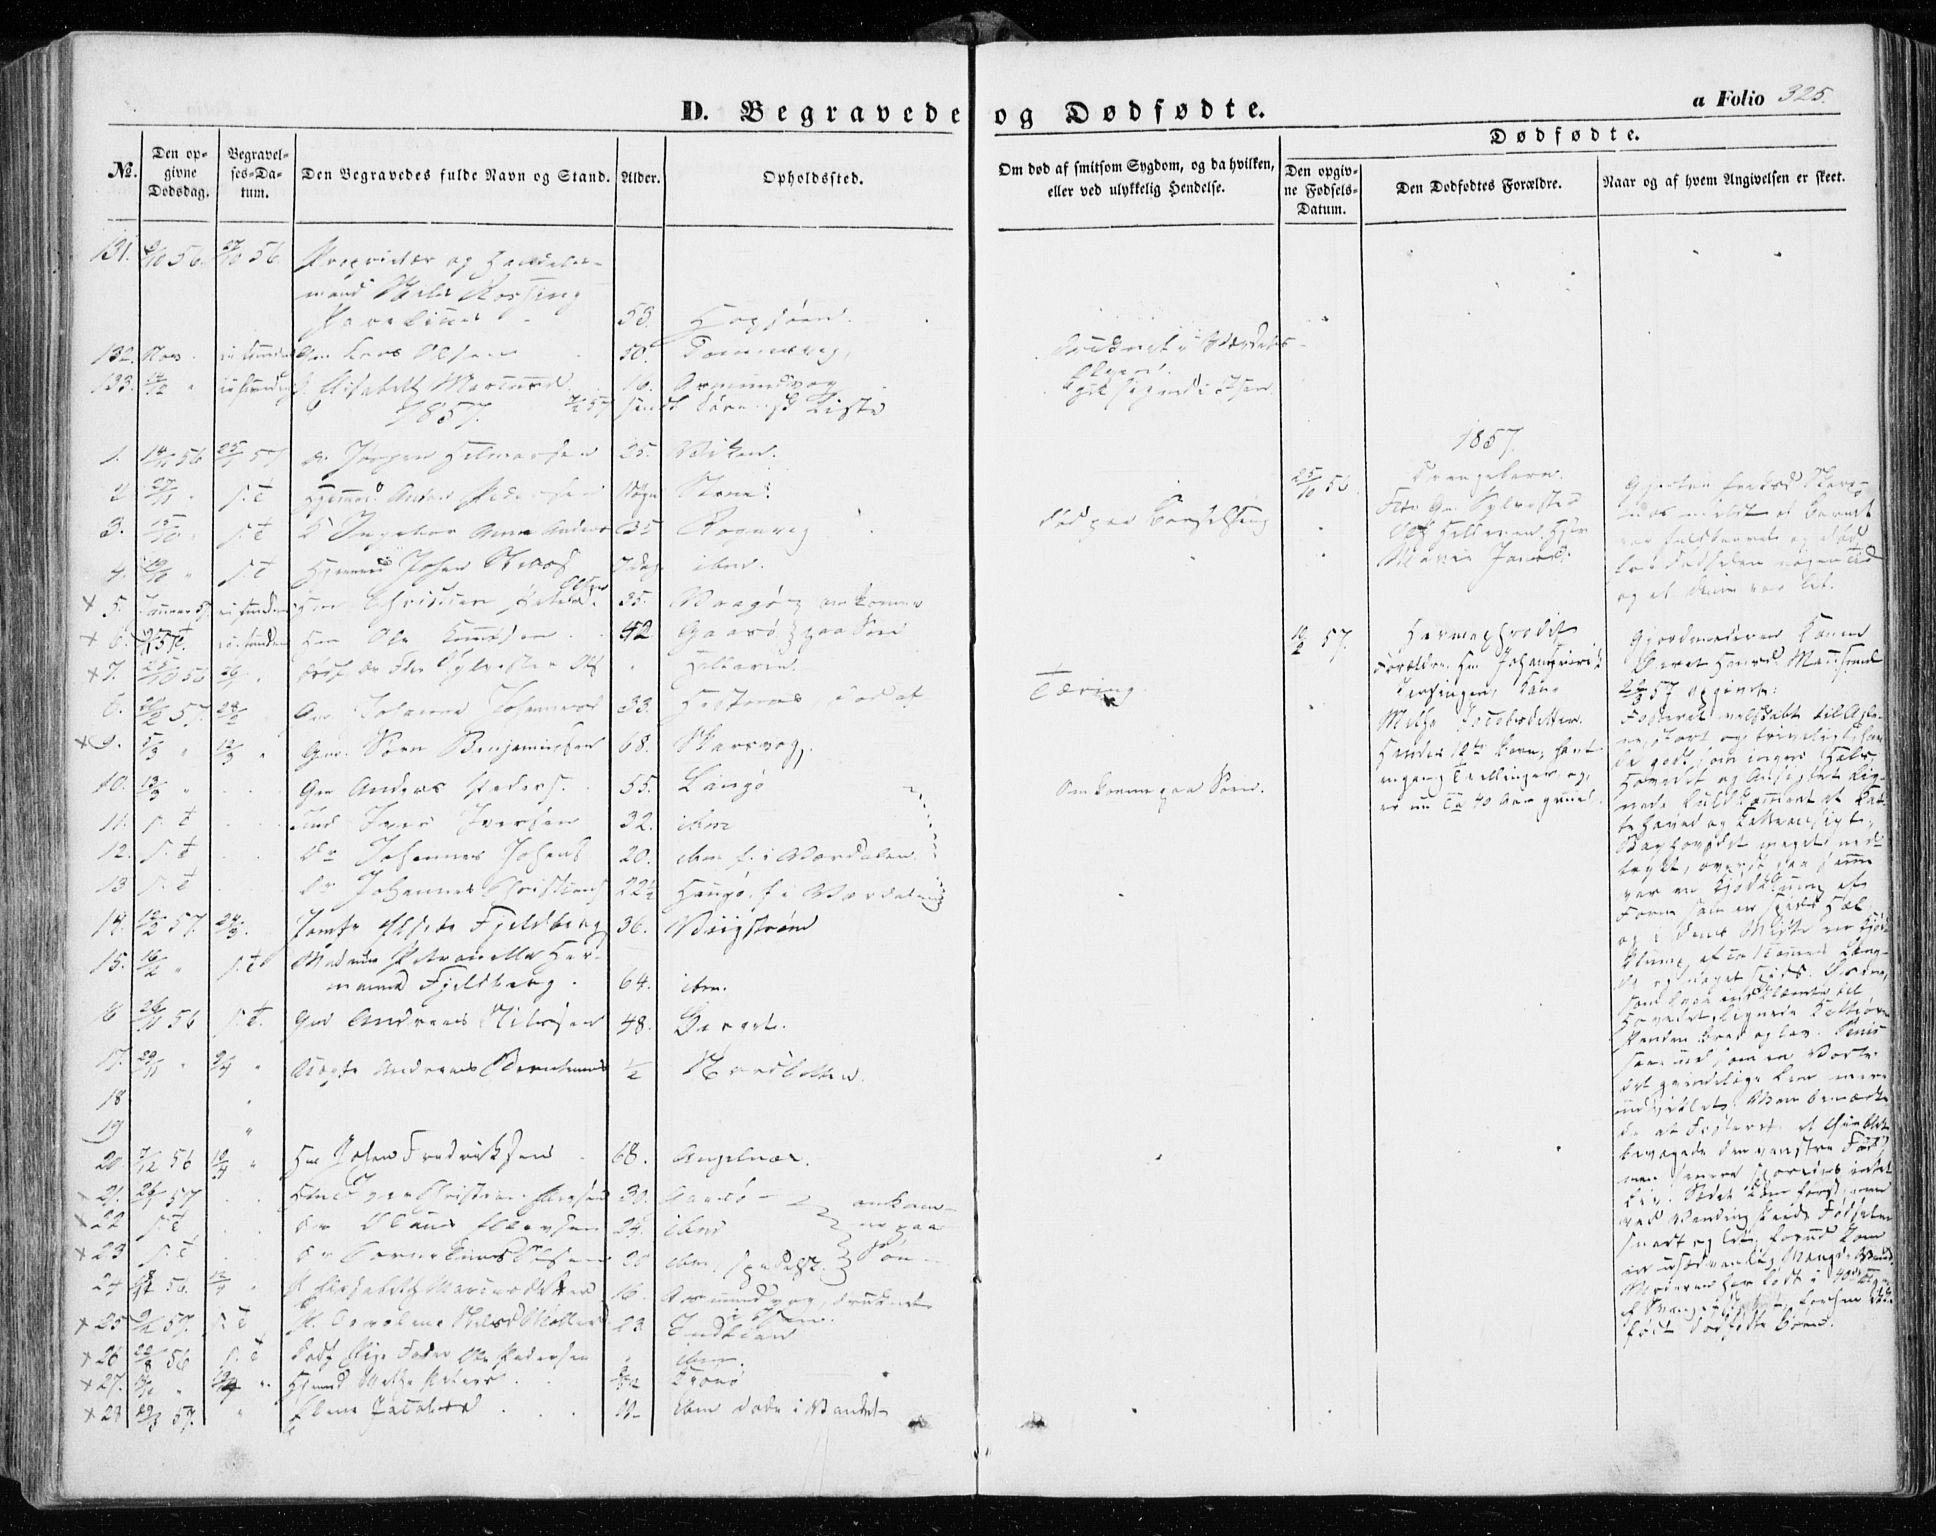 SAT, Ministerialprotokoller, klokkerbøker og fødselsregistre - Sør-Trøndelag, 634/L0530: Ministerialbok nr. 634A06, 1852-1860, s. 325